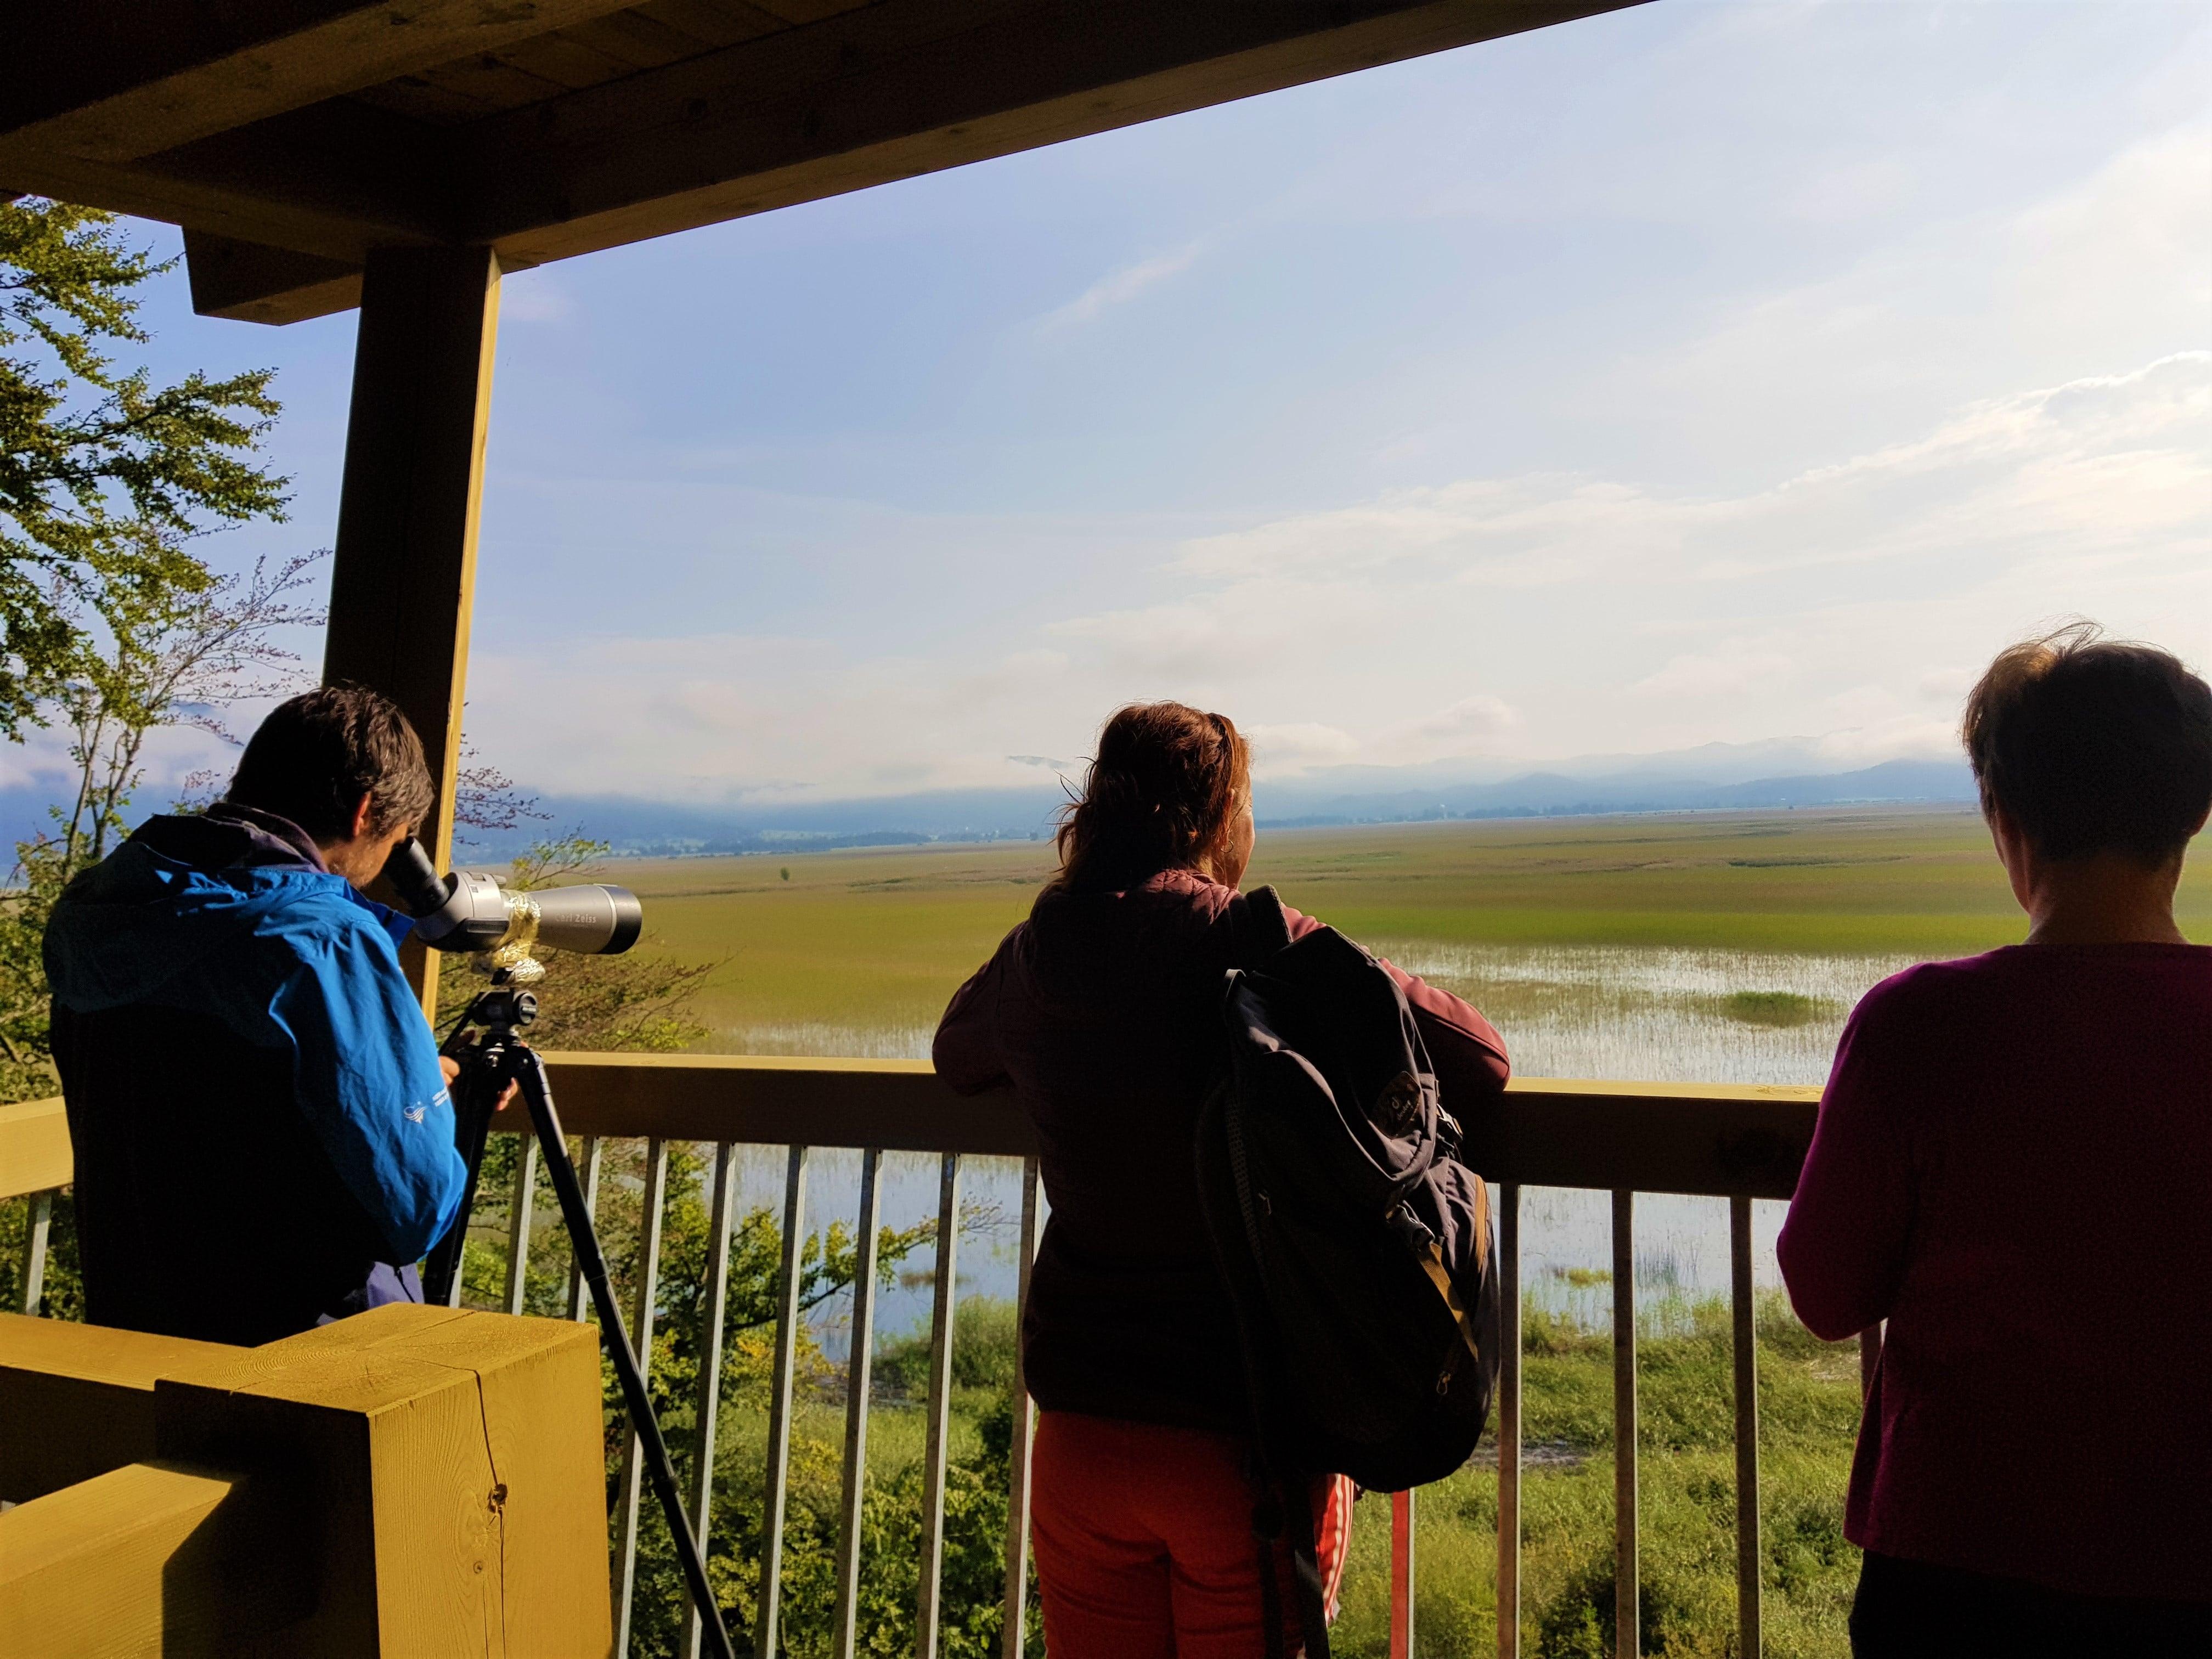 Dih jemajoči pogled s stolpa Otočec. Če imate daljnogled ali spektiv, vidite še pisano množico različnih ptic. Na jezeru so doslej opazili že več kot 270 različnih. Foto Eva Kobe